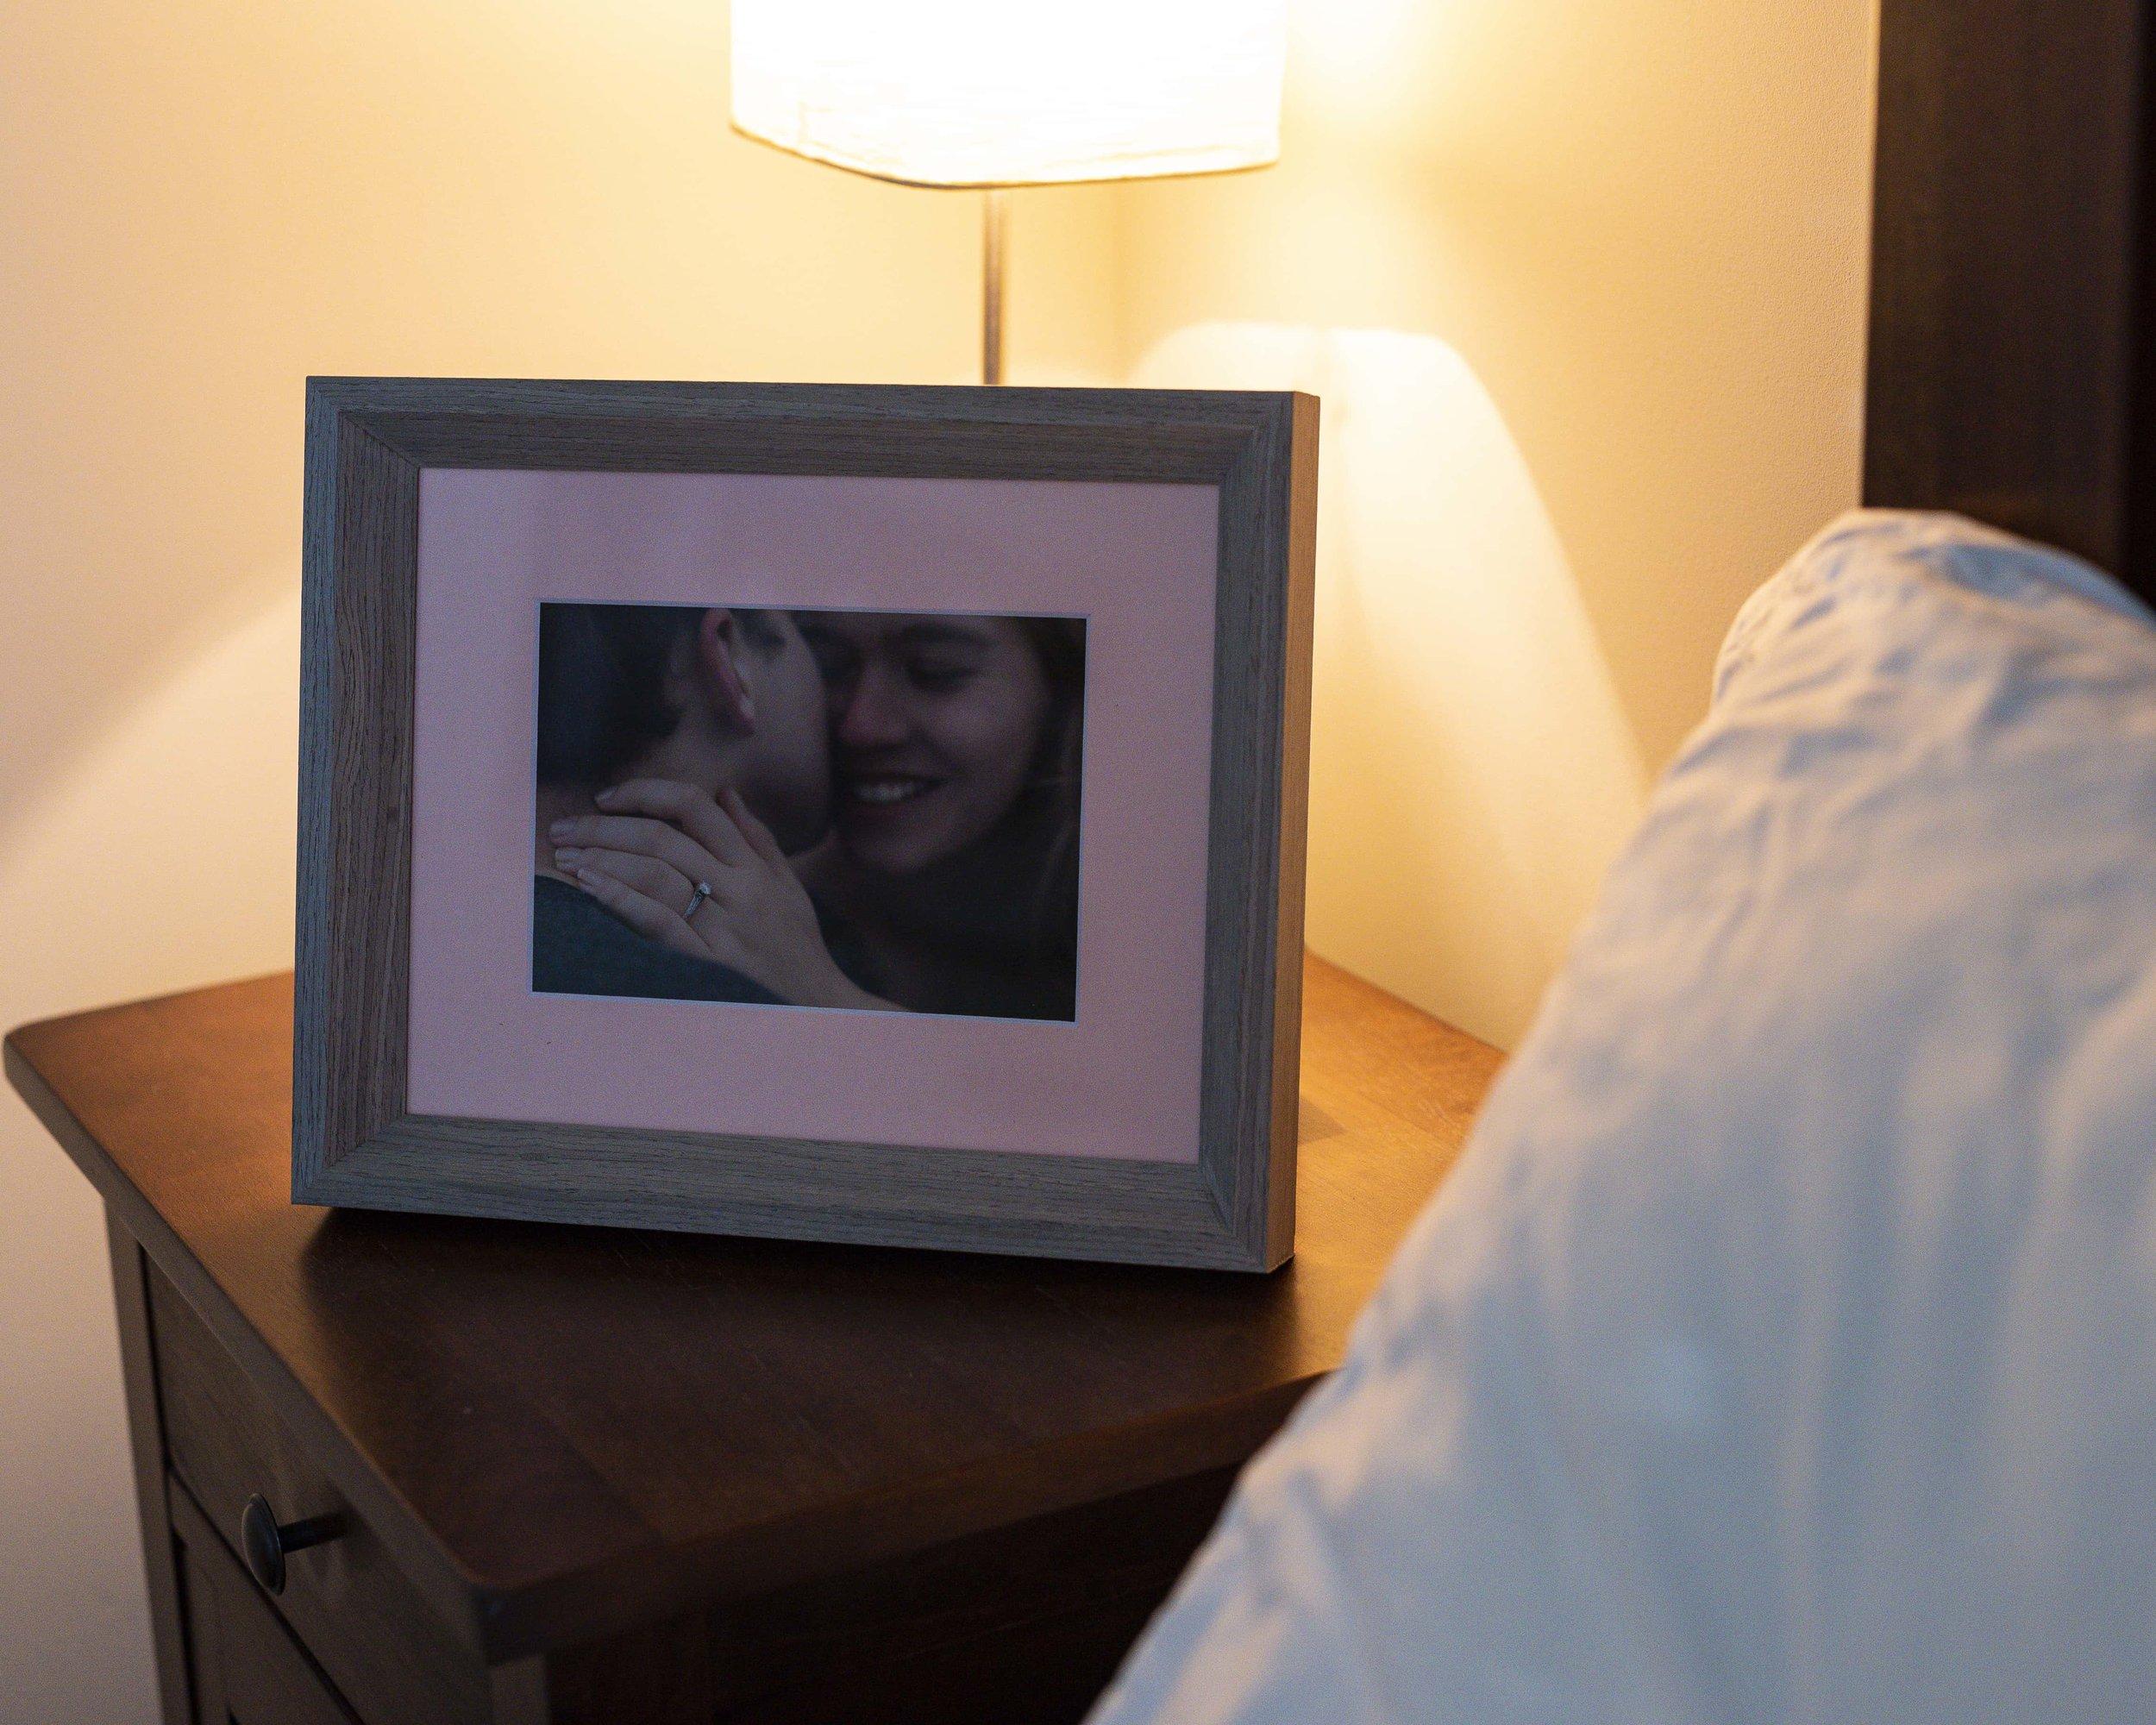 Framed Engagement Photo.jpg